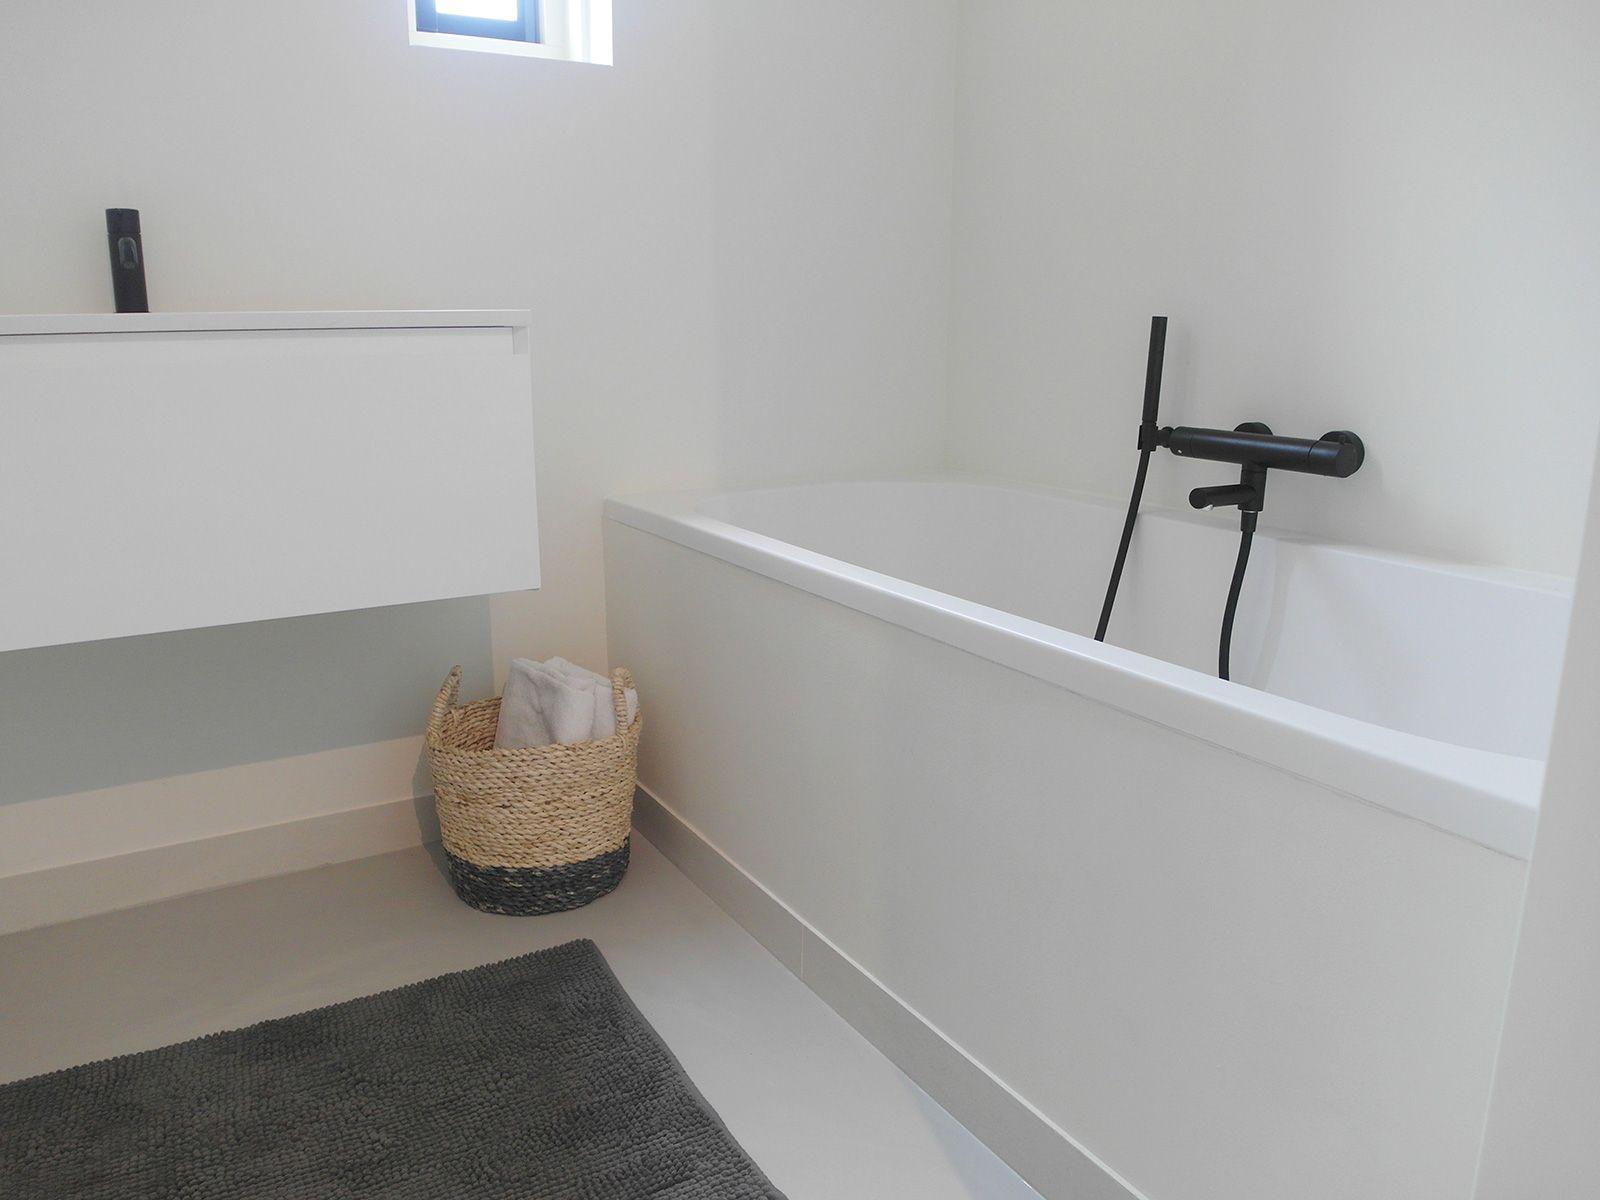 Badkamer Met Gietvloer : Gietvloer in deze frisse witte badkamer in berkel en rodenrijs